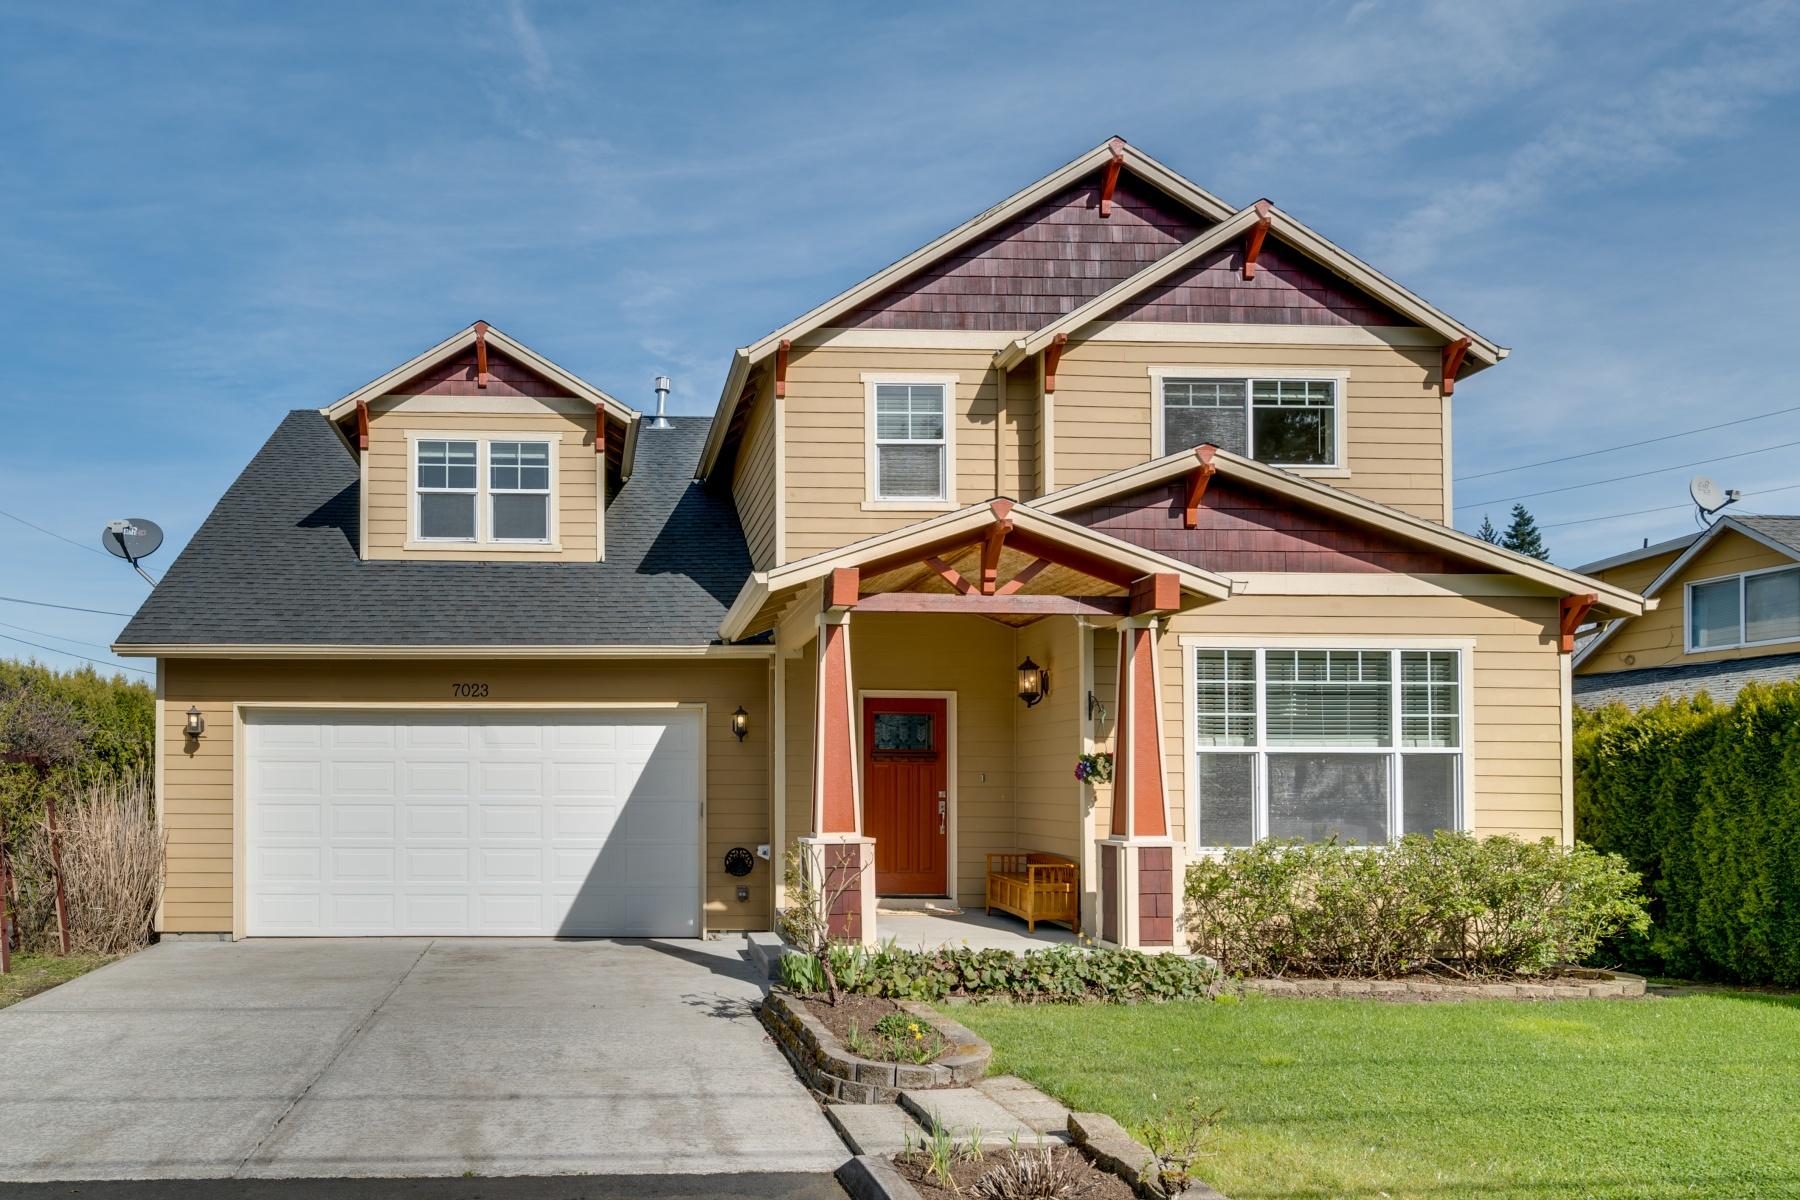 独户住宅 为 销售 在 7023 Se Clackamas Rd Milwaukie, 俄勒冈州, 97267 美国